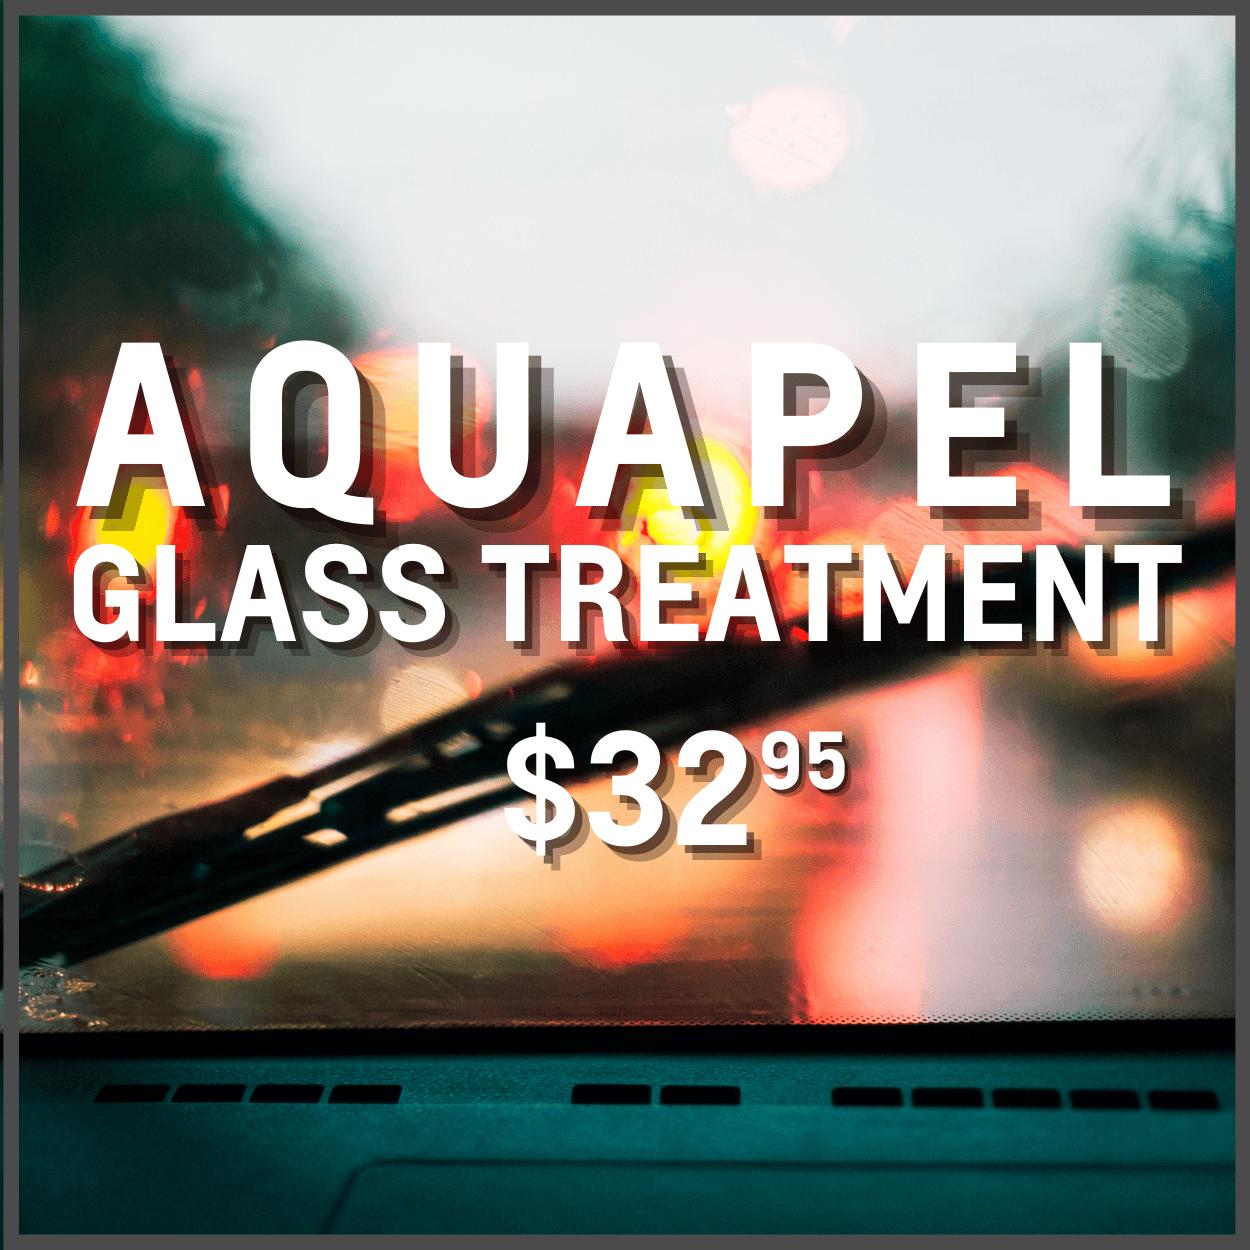 Aquapel Glass Treatment Oshawa